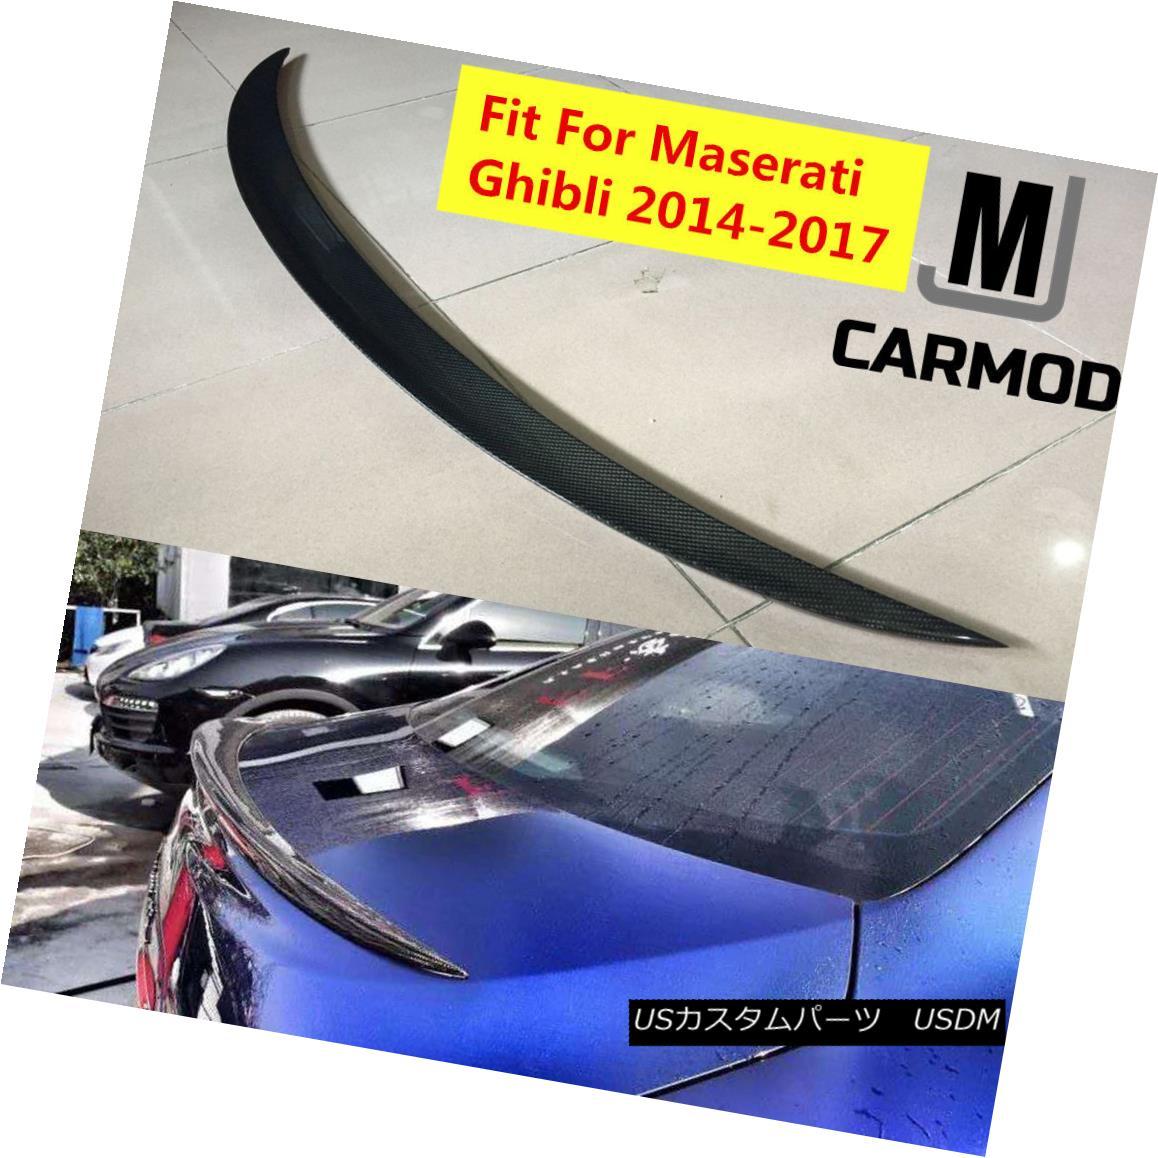 エアロパーツ Fit For Maserati Ghibli 2014-2017 Real Carbon Fiber Trunk Lip Spoiler WALD STYLE マセラティジブリ2014-2017リアルカーボンファイバートランクリップスポイラーWALD STYLE